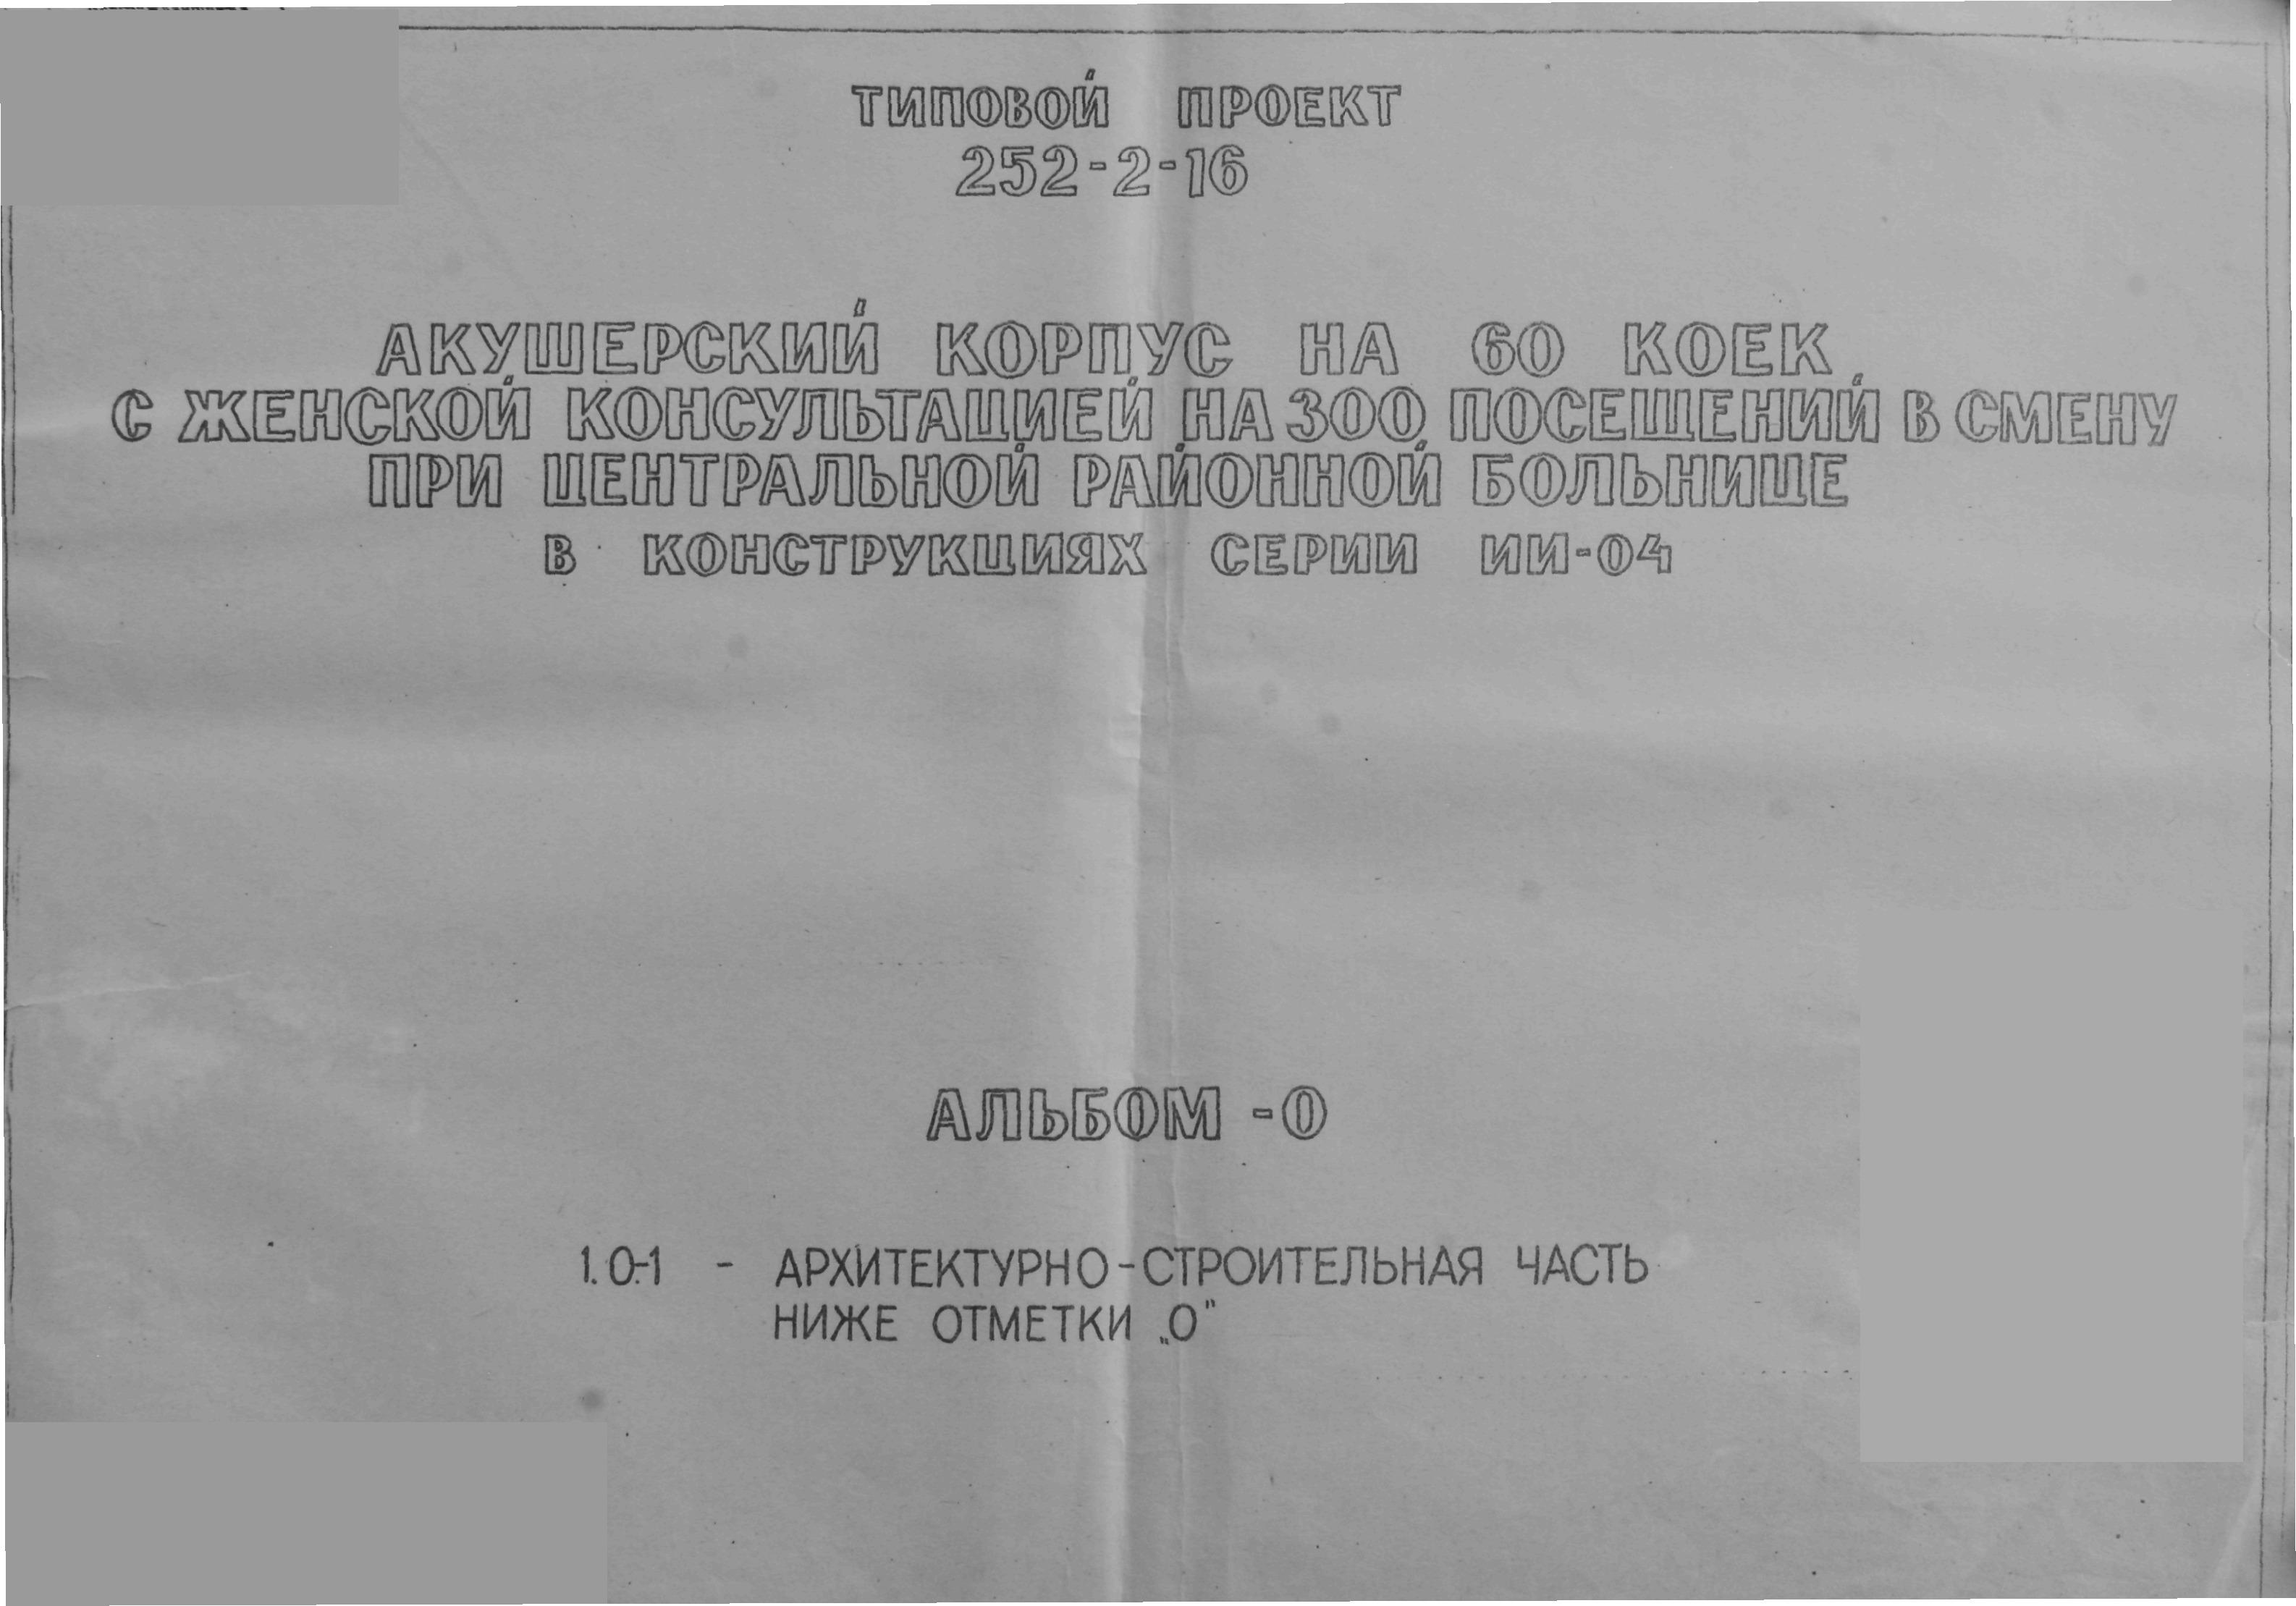 Типовой проект 252-2-16 Альбом 0 Архитектурно-строительная часть ниже отметки